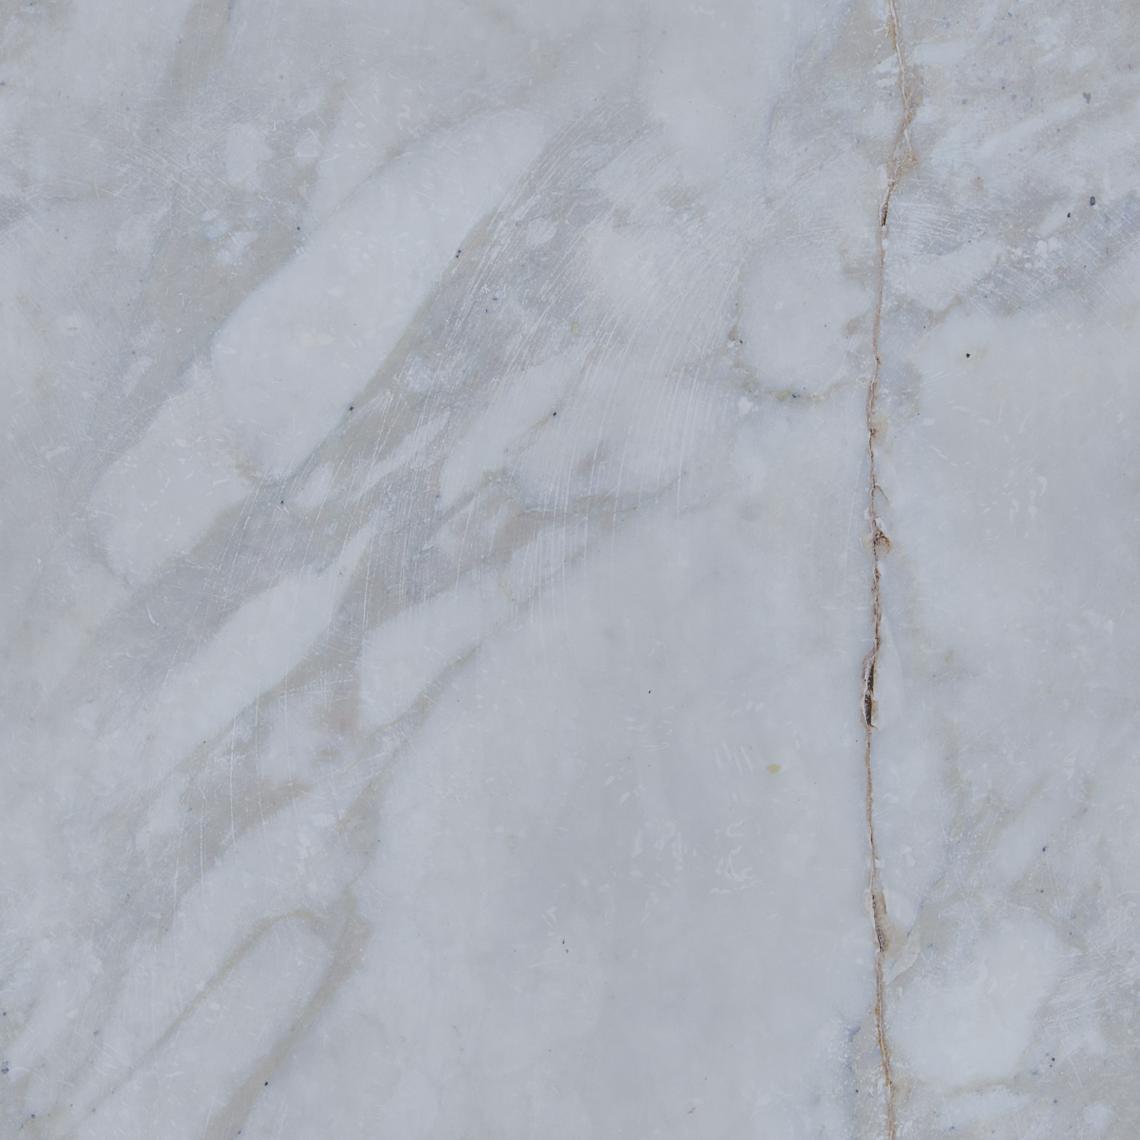 White-Marble-01-Albedo - Seamless